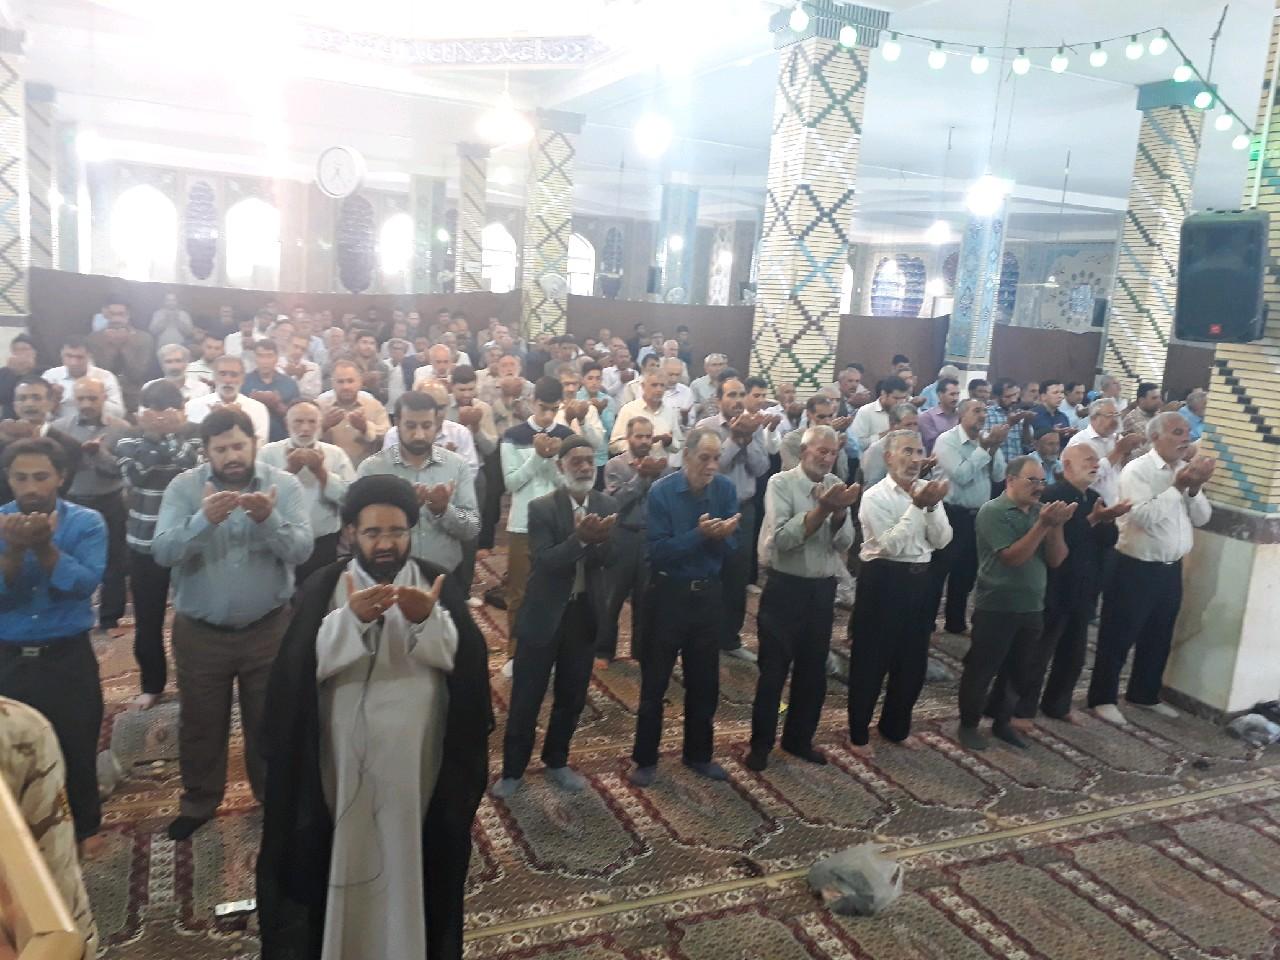 نمازعیدسعیدقربان درشهرستان فلاورجان اقامه شد